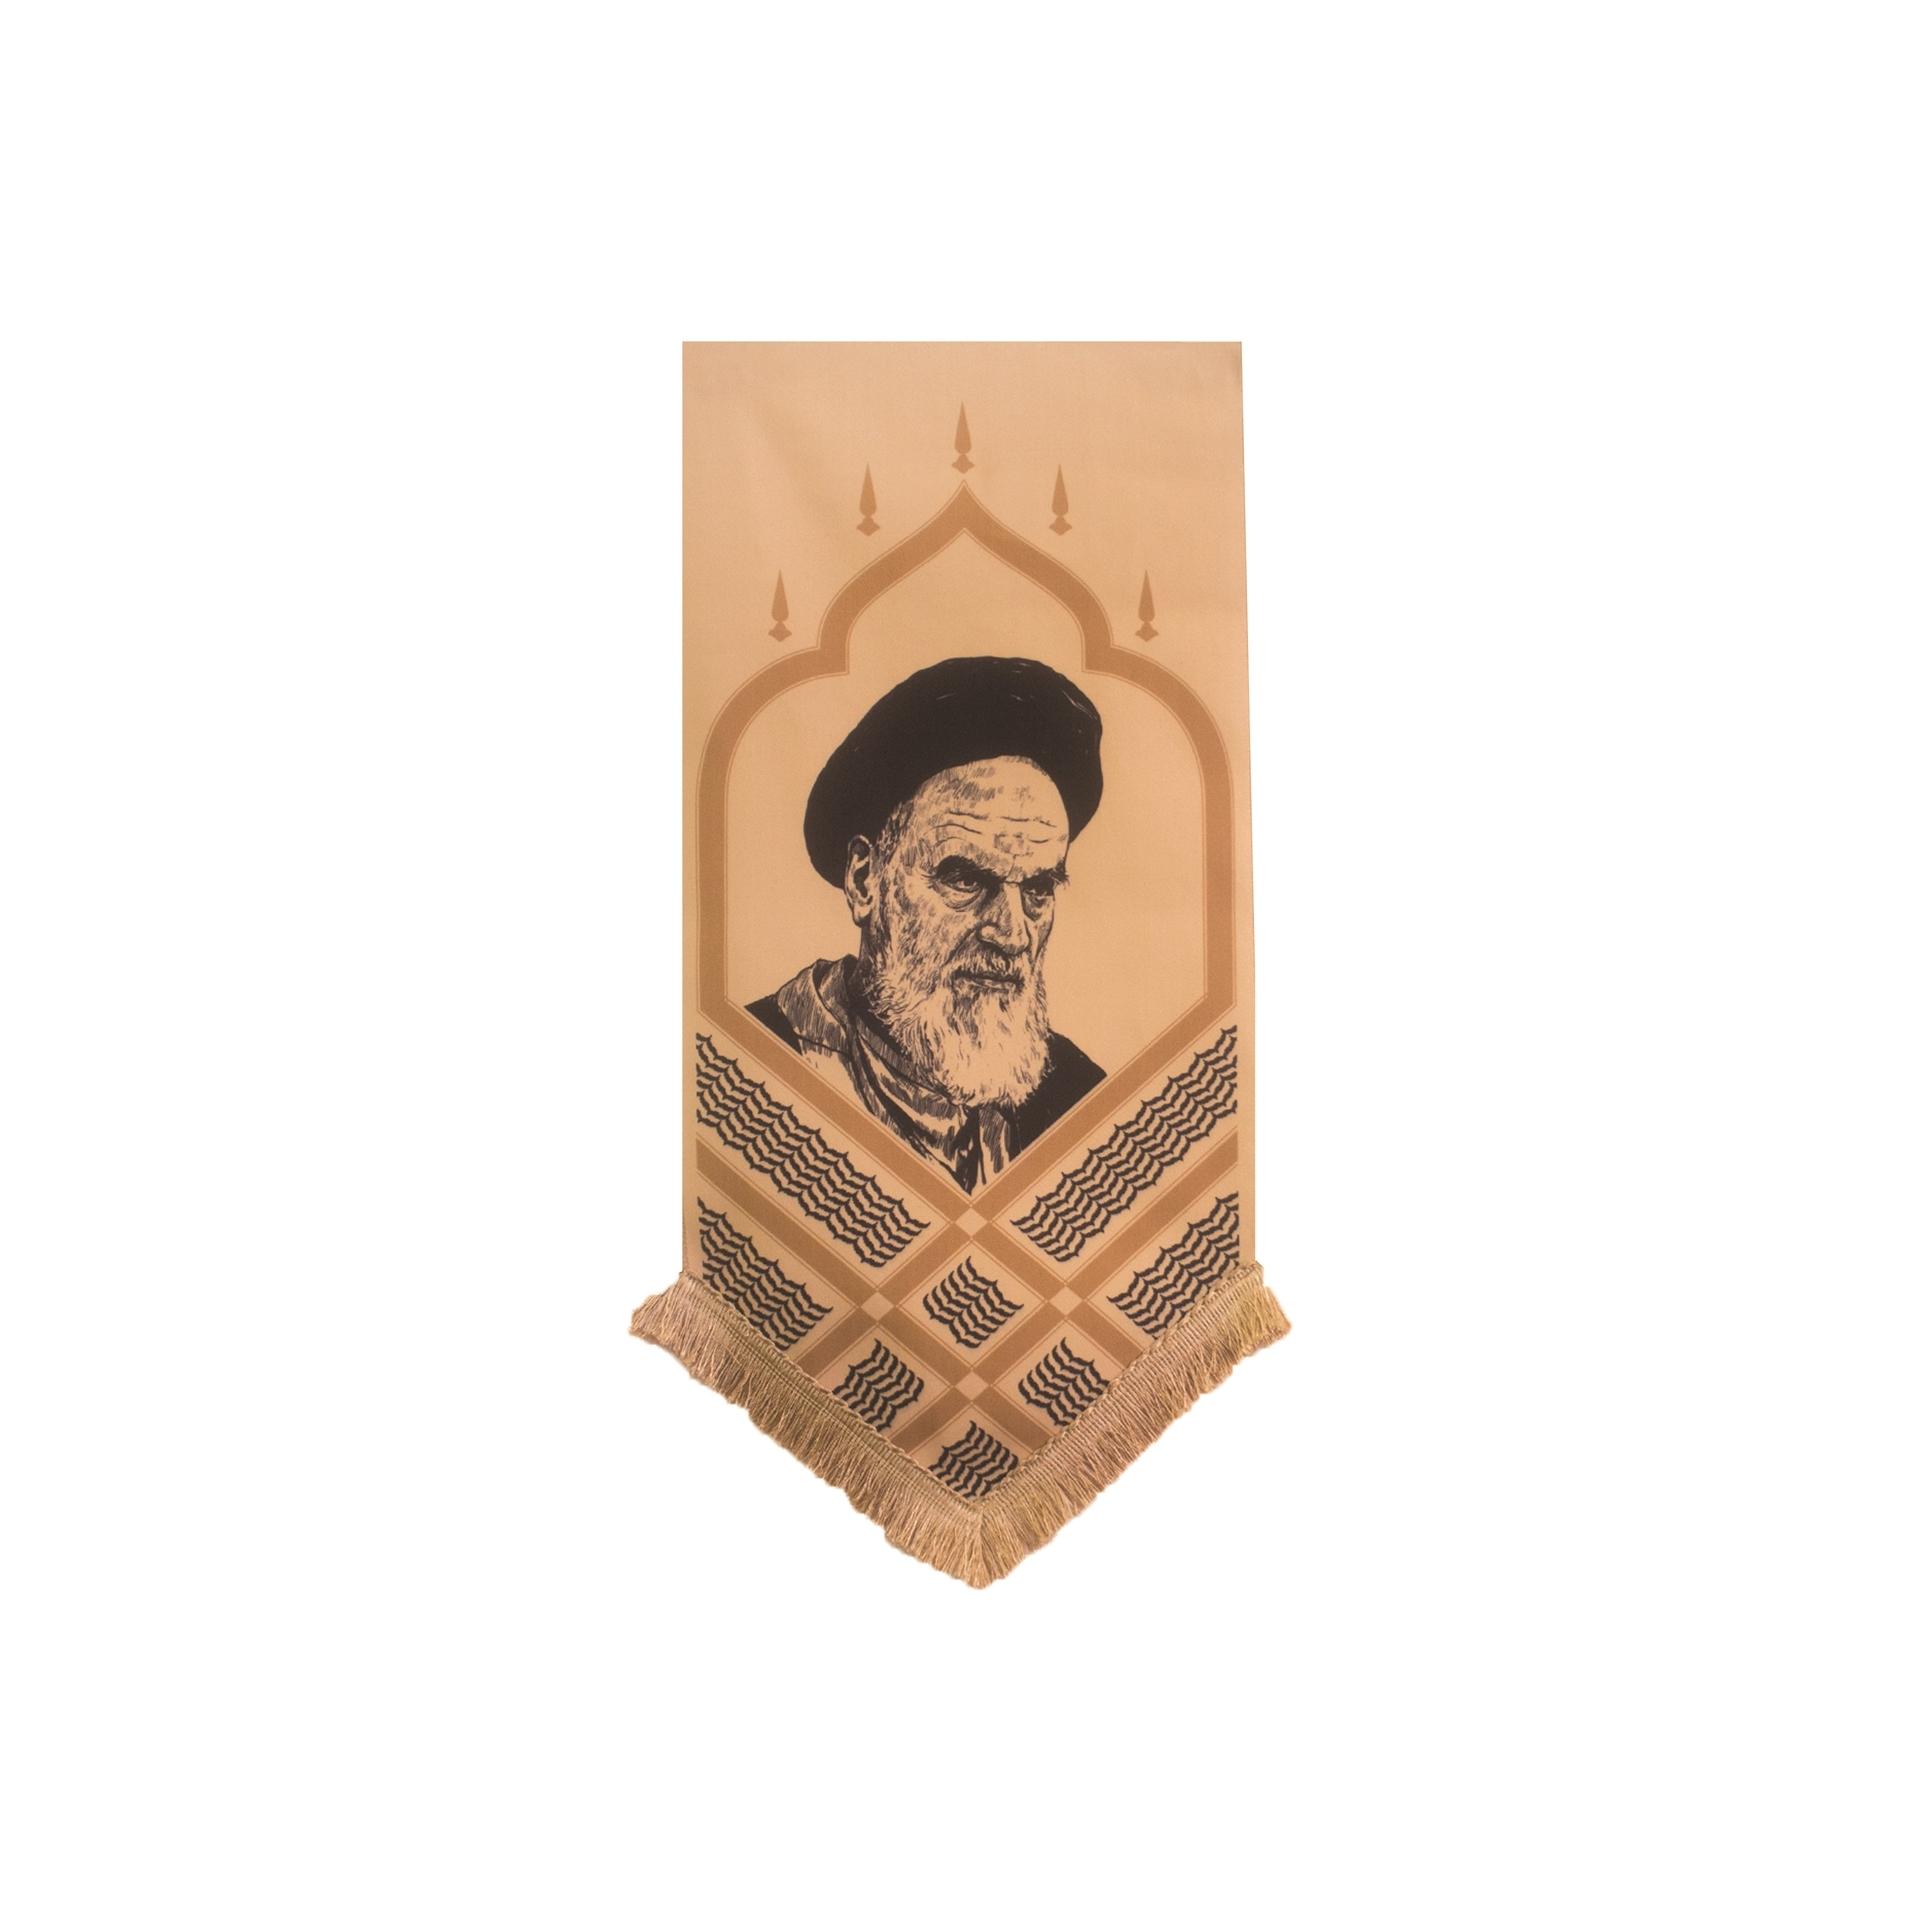 تصویر از بیرق خانگی تمثال امام خمینی